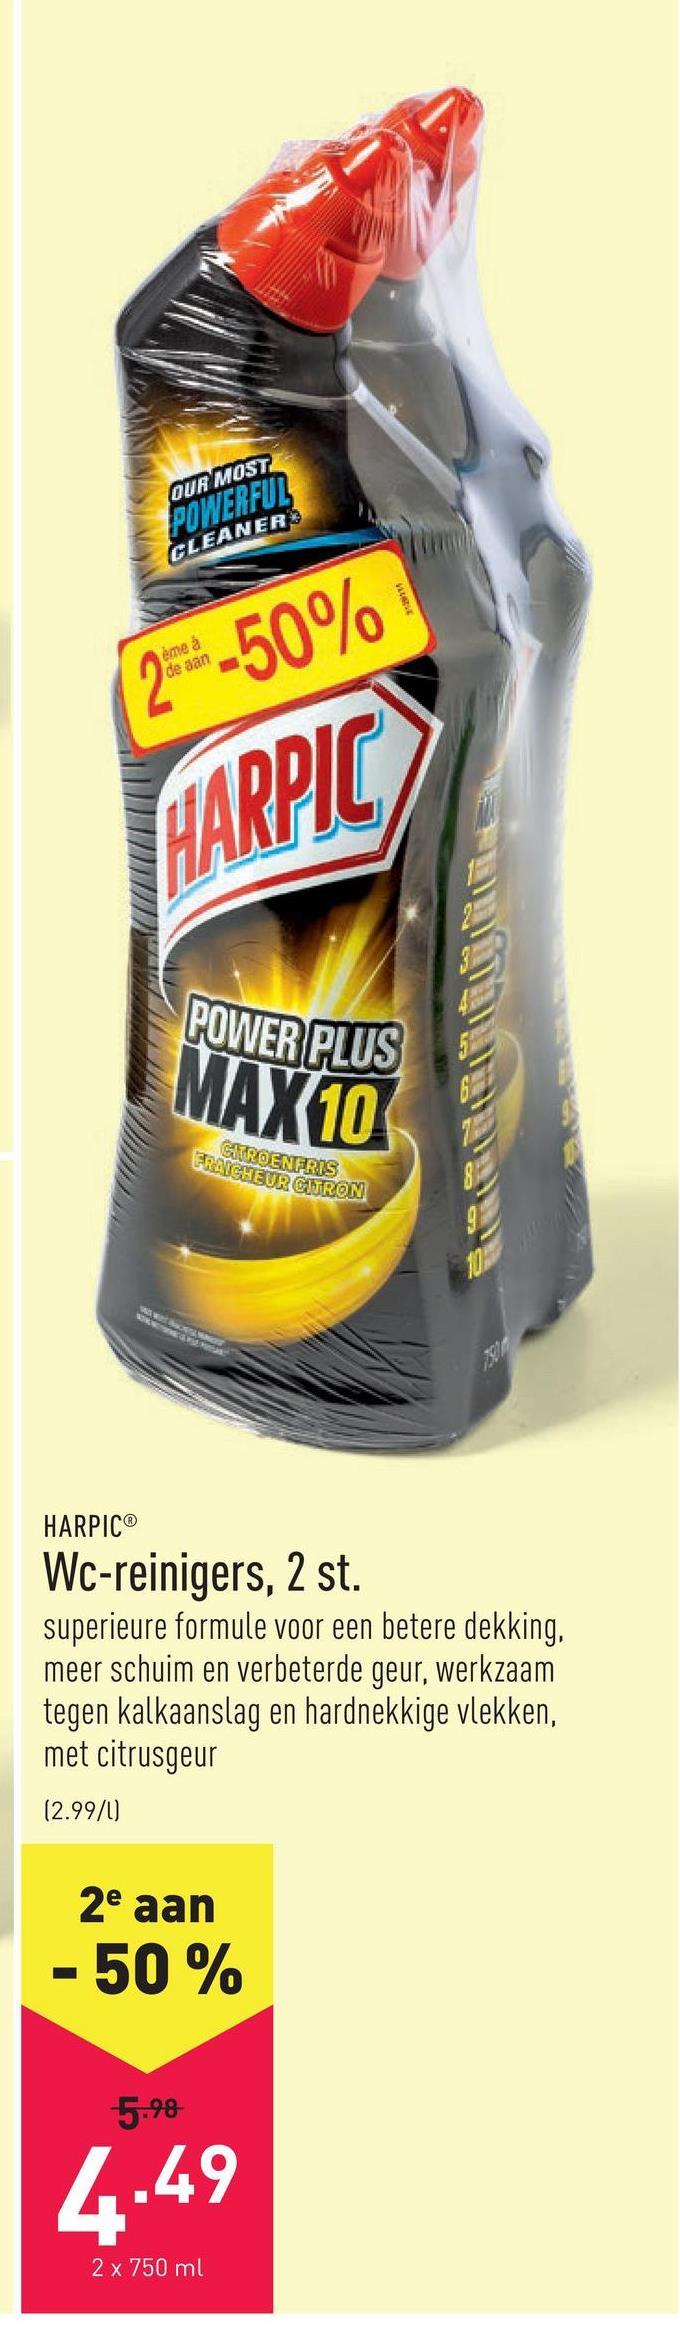 Wc-reinigers, 2 st. superieure formule voor een betere dekking, meer schuim en verbeterde geur, werkzaam tegen kalkaanslag en hardnekkige vlekken, met citrusgeur